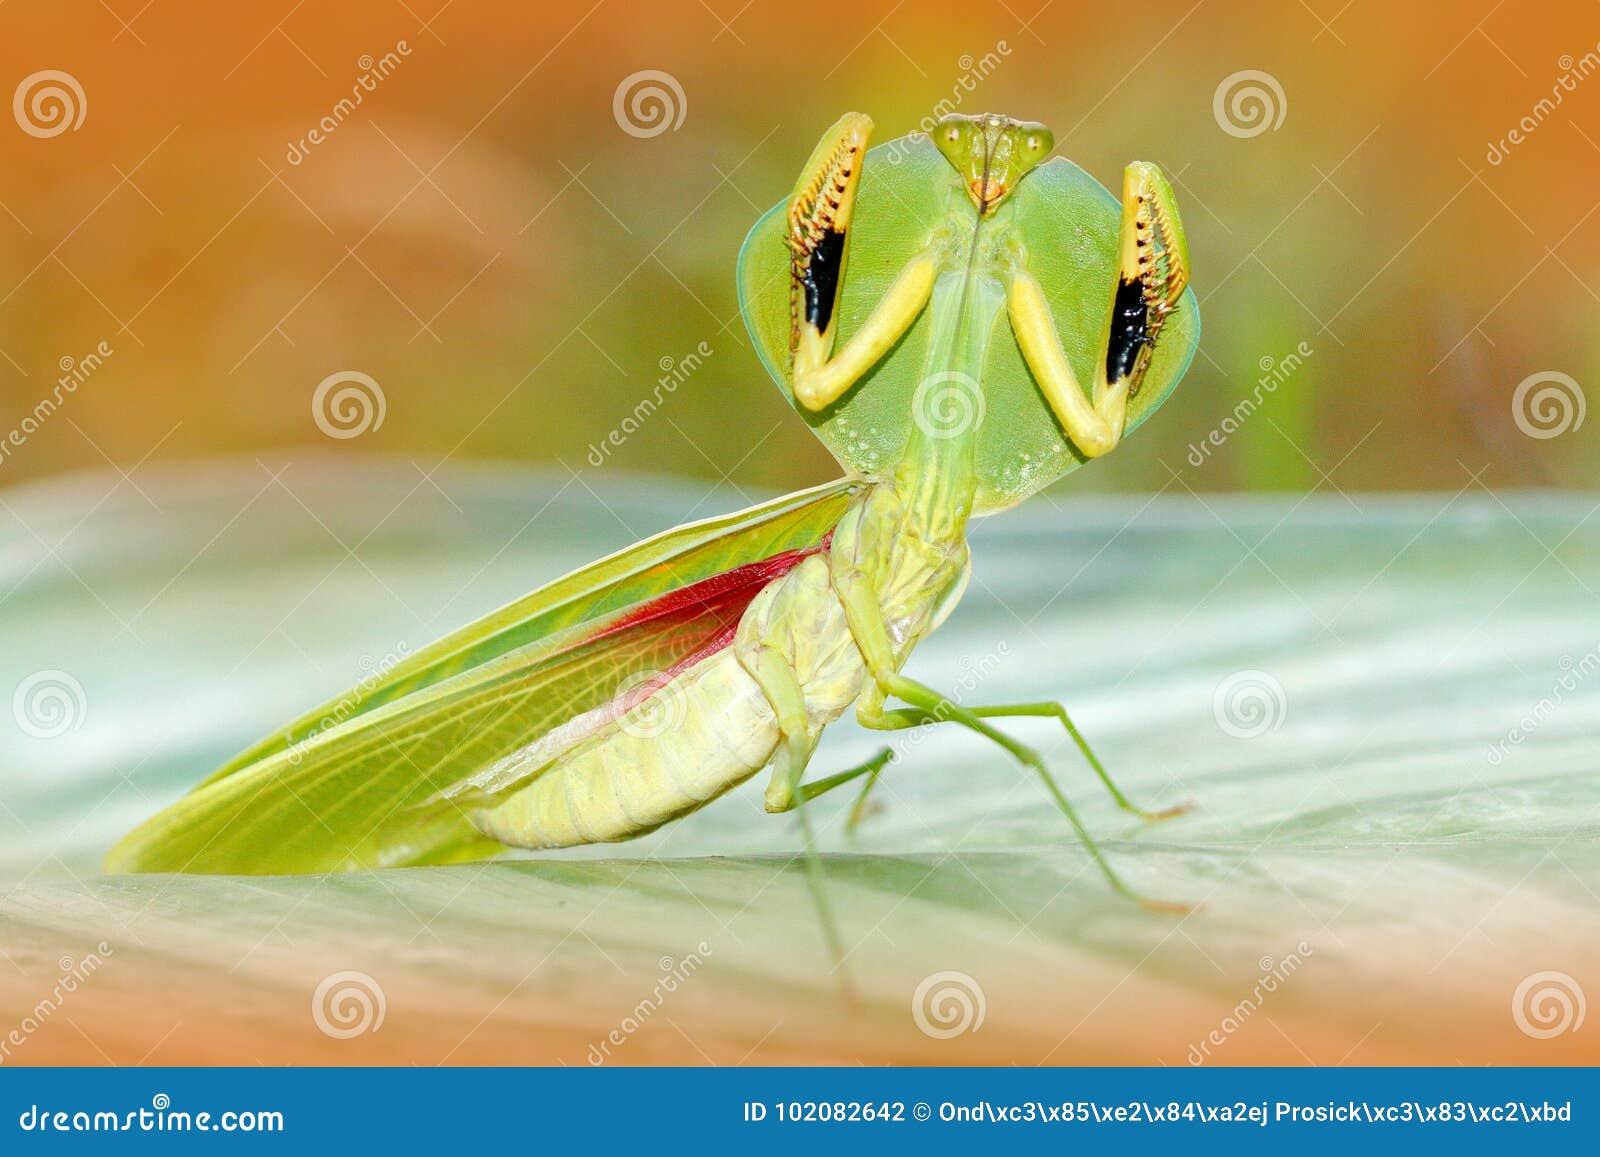 Φύλλο Mantid, rhombicollis Choeradodis, έντομο από τον Ισημερινό Όμορφο πίσω φως βραδιού με το άγριο ζώο Σκηνή άγριας φύσης από ε